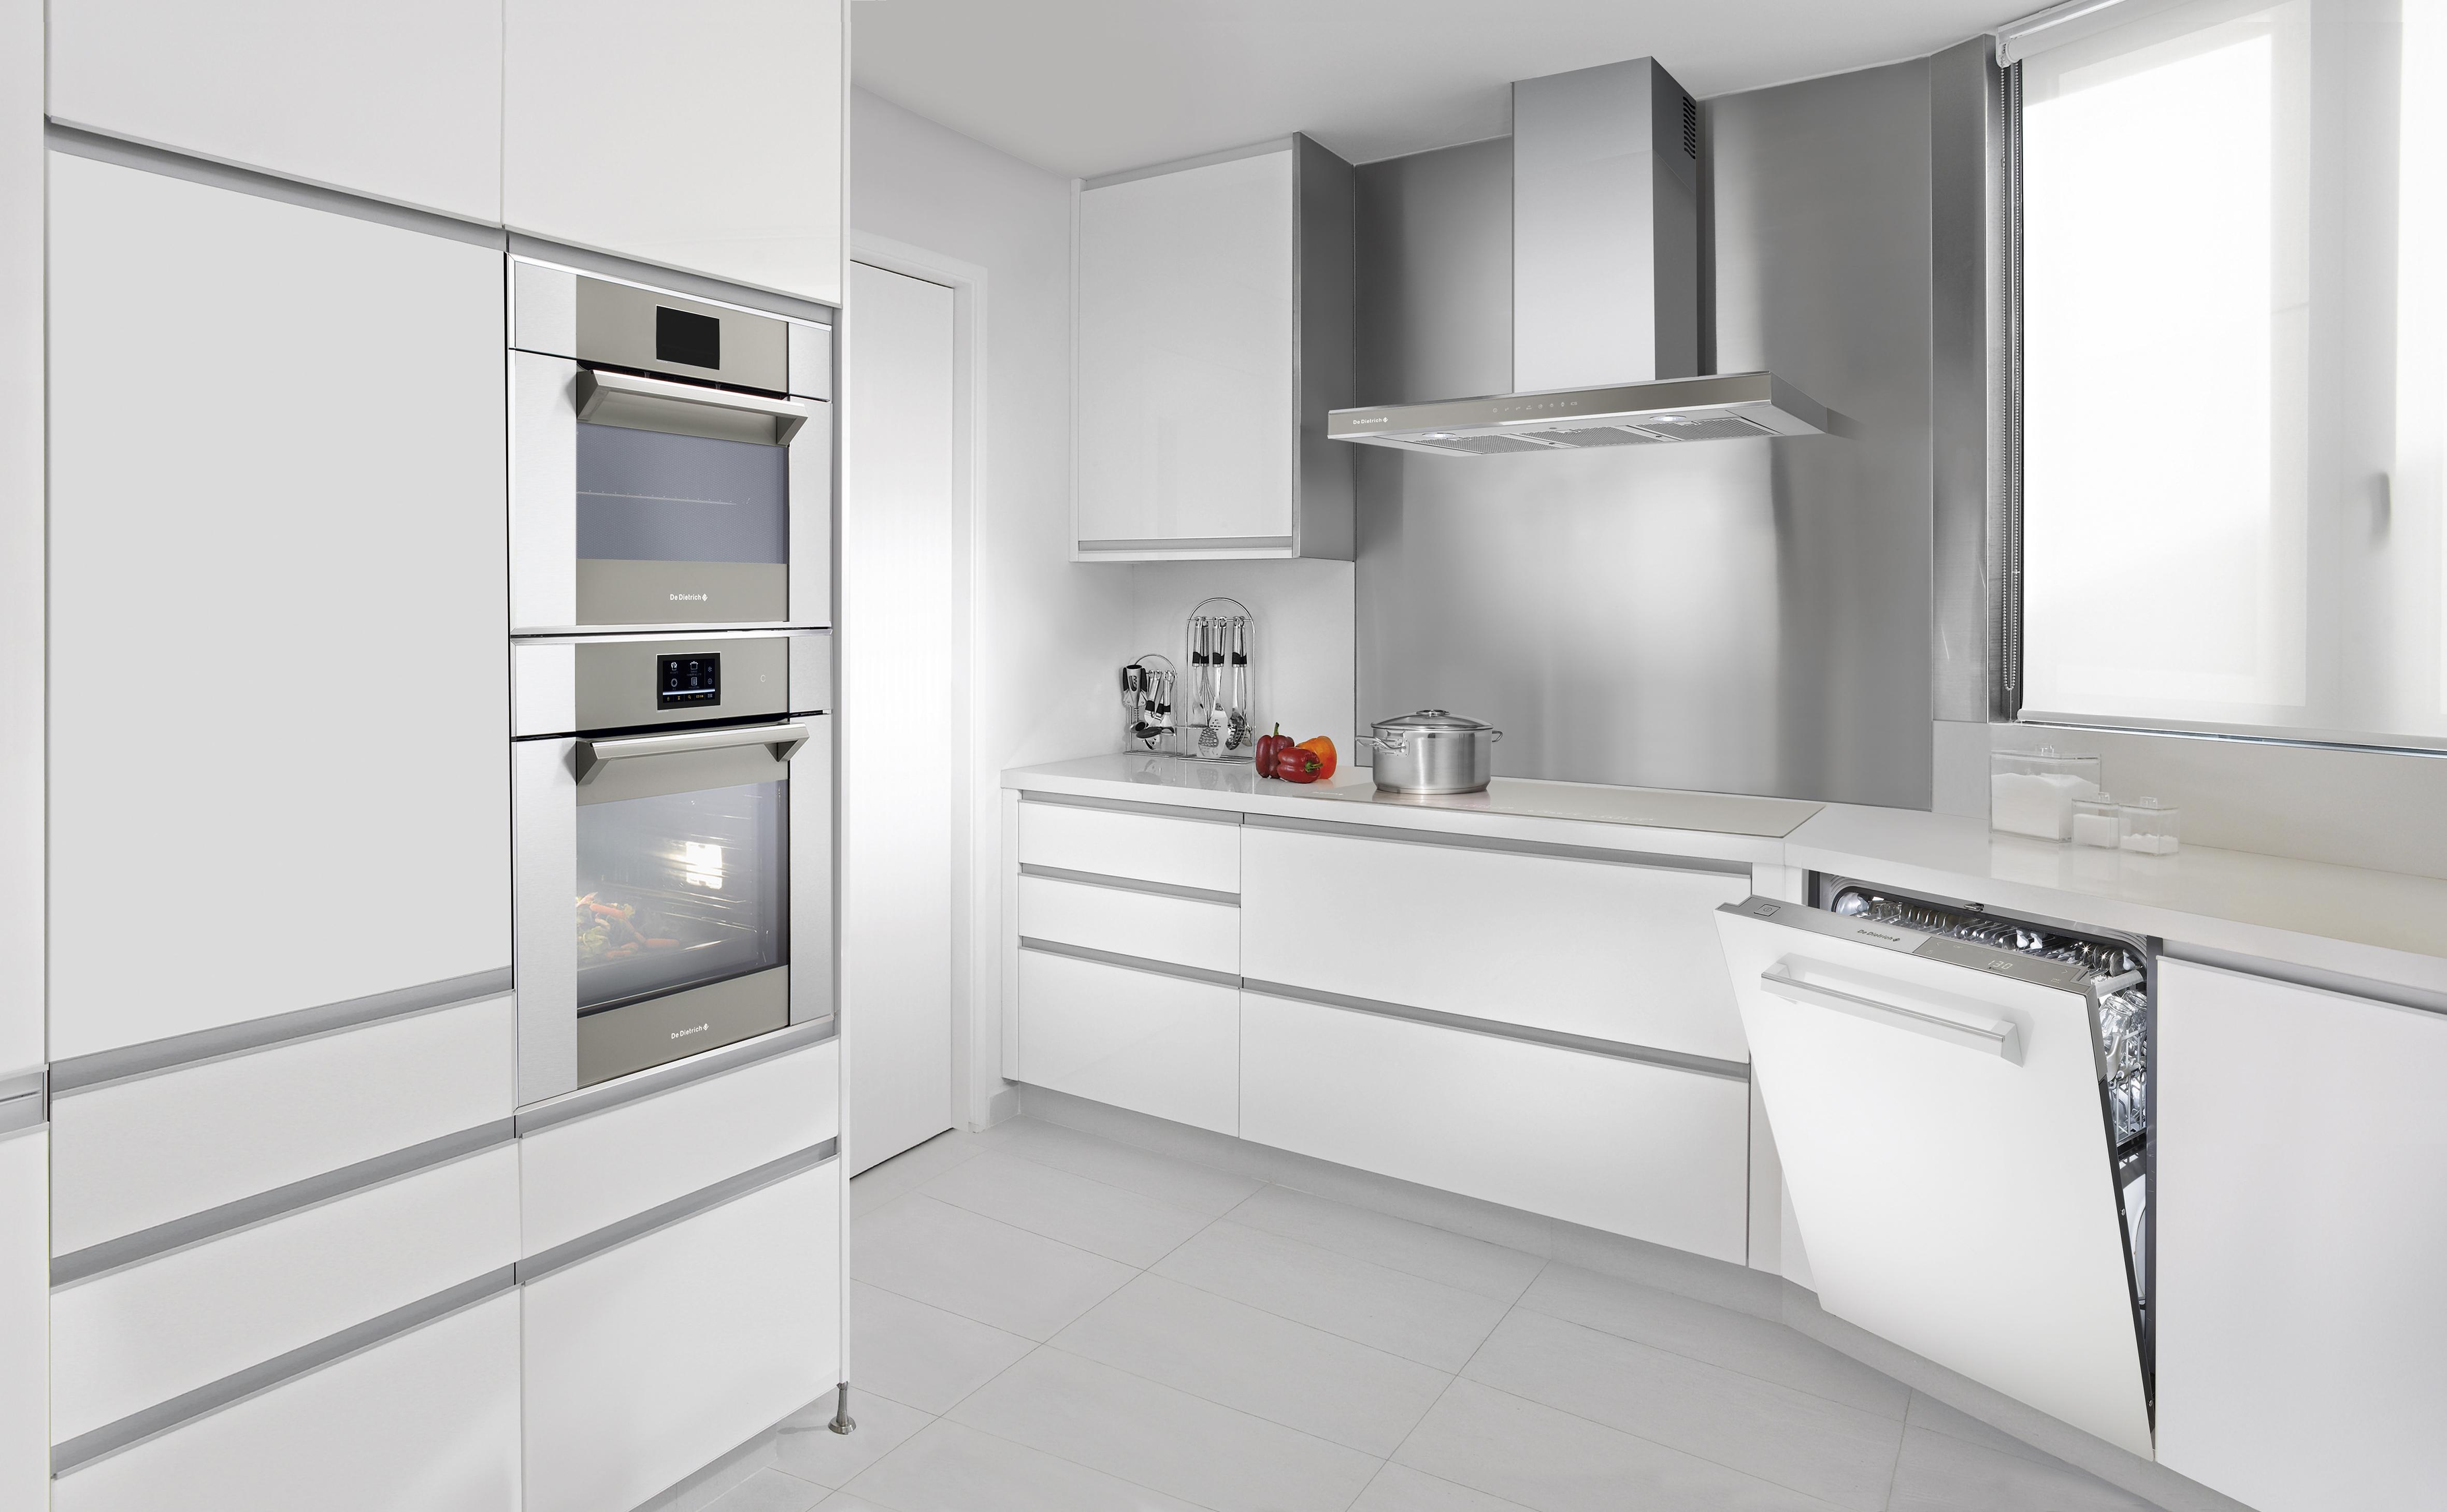 Sig goddag til fremtidens ovn, der selv finder opskriften og tilbereder retten perfekt